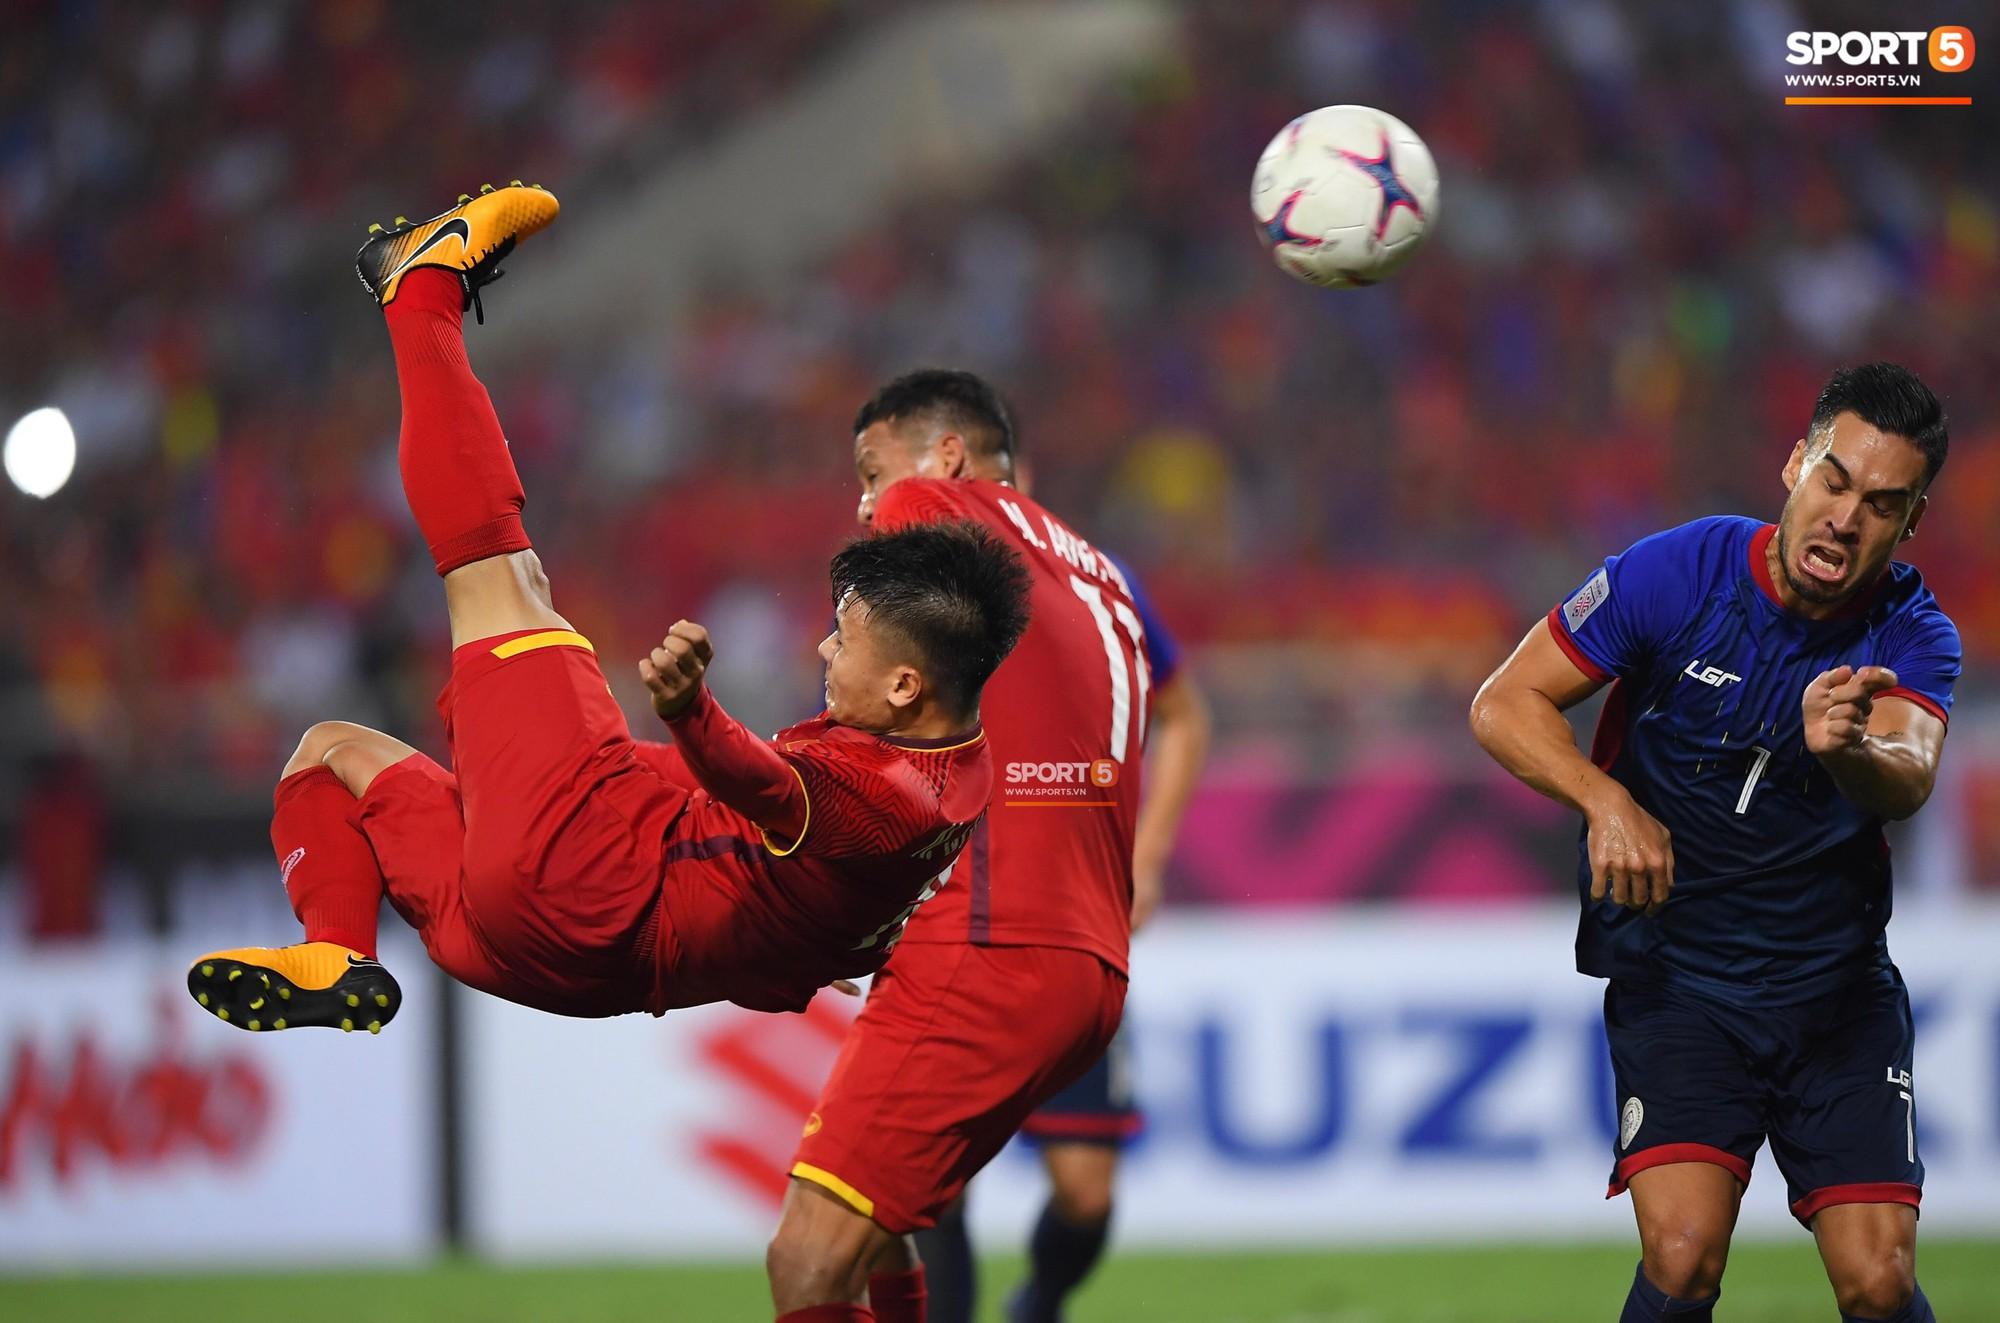 Trọng gắt chỉ thẳng mặt cầu thủ Philippines chơi xấu, bảo vệ em út Văn Hậu - Ảnh 8.